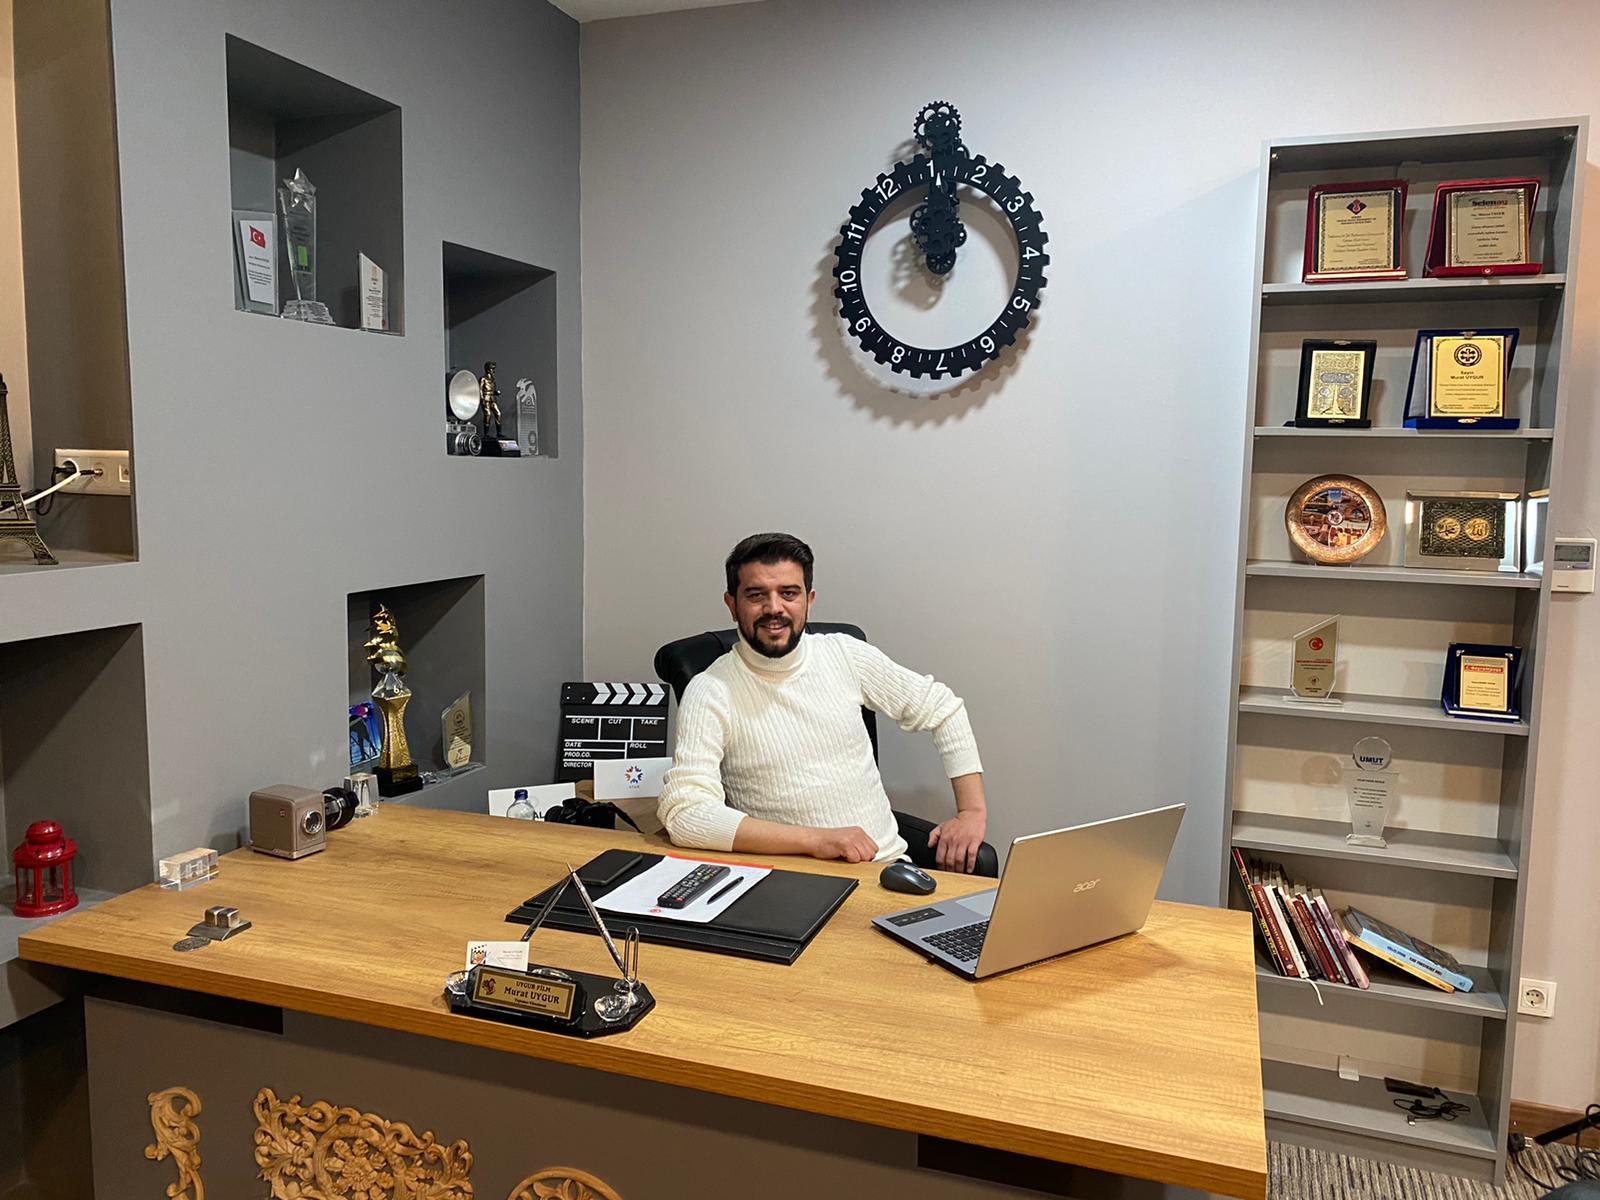 OSG Sigorta Genel Müdürü Bayburtlu Genç İş Adamı Mehmet Daştan'ın Sigorta ve Sigortacılıkla İlgili Açıklamaları